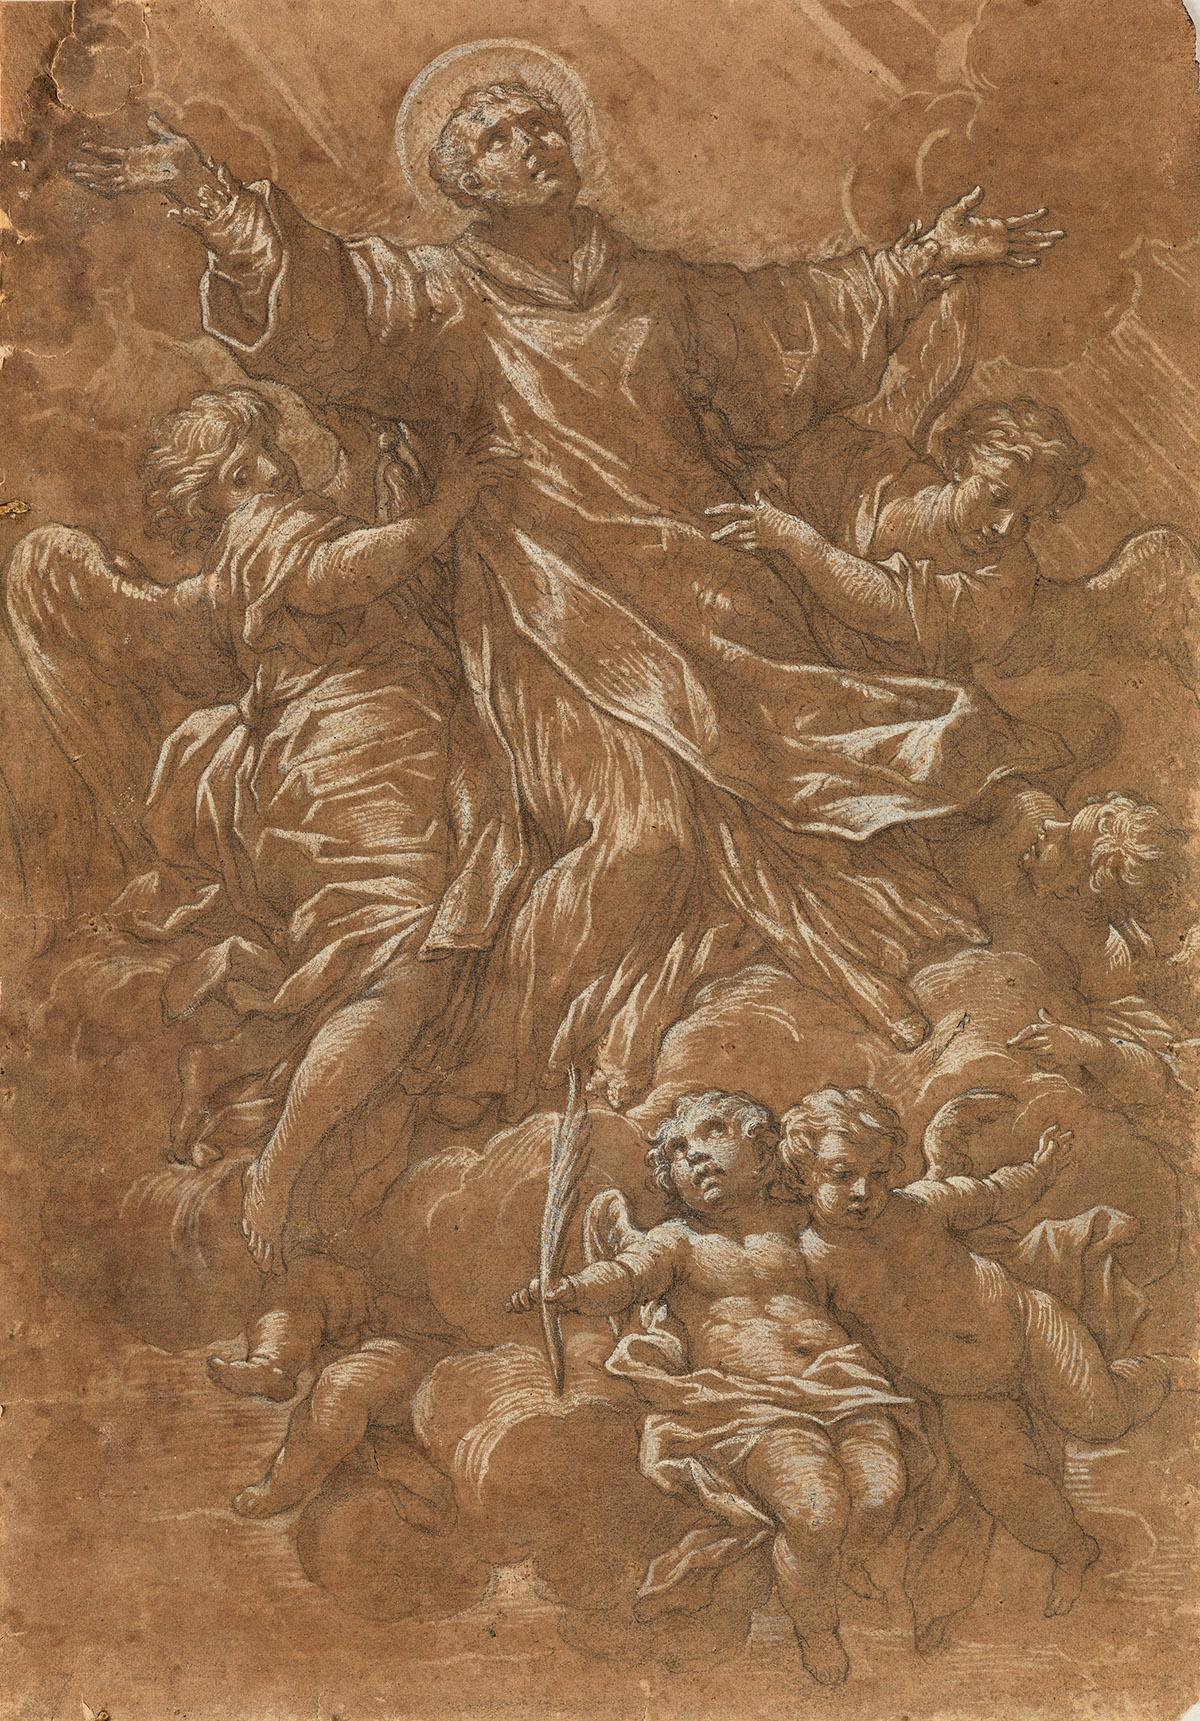 ANDREA-VACCARO-(Naples-1600-1670-Naples)-The-Apotheosis-of-a